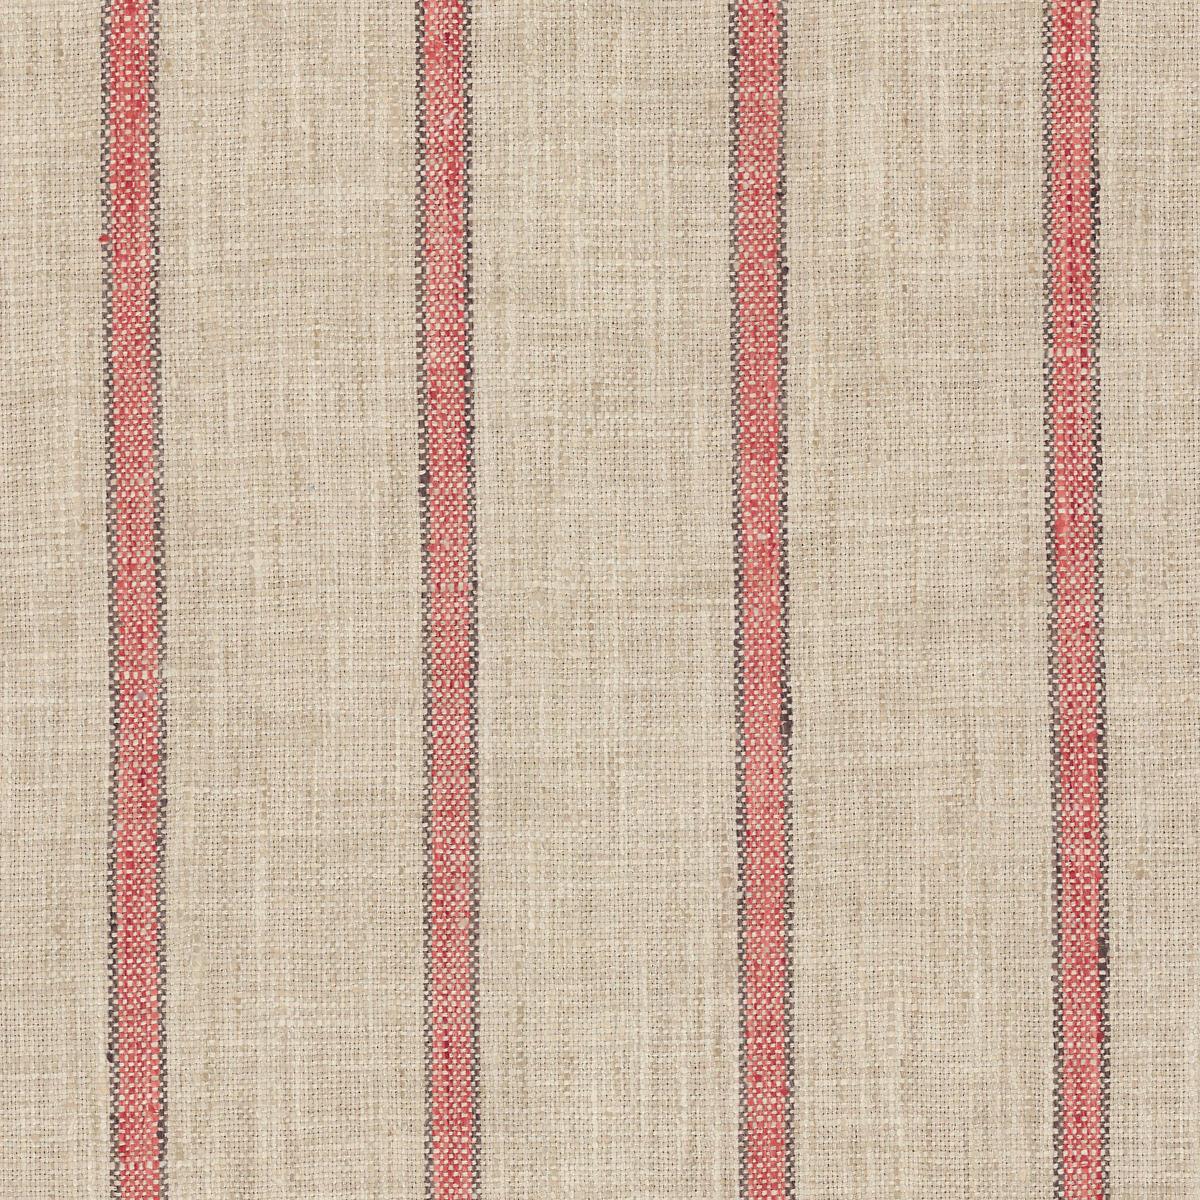 Glendale Stripe Brick/Brown Indoor/Outdoor Fabric